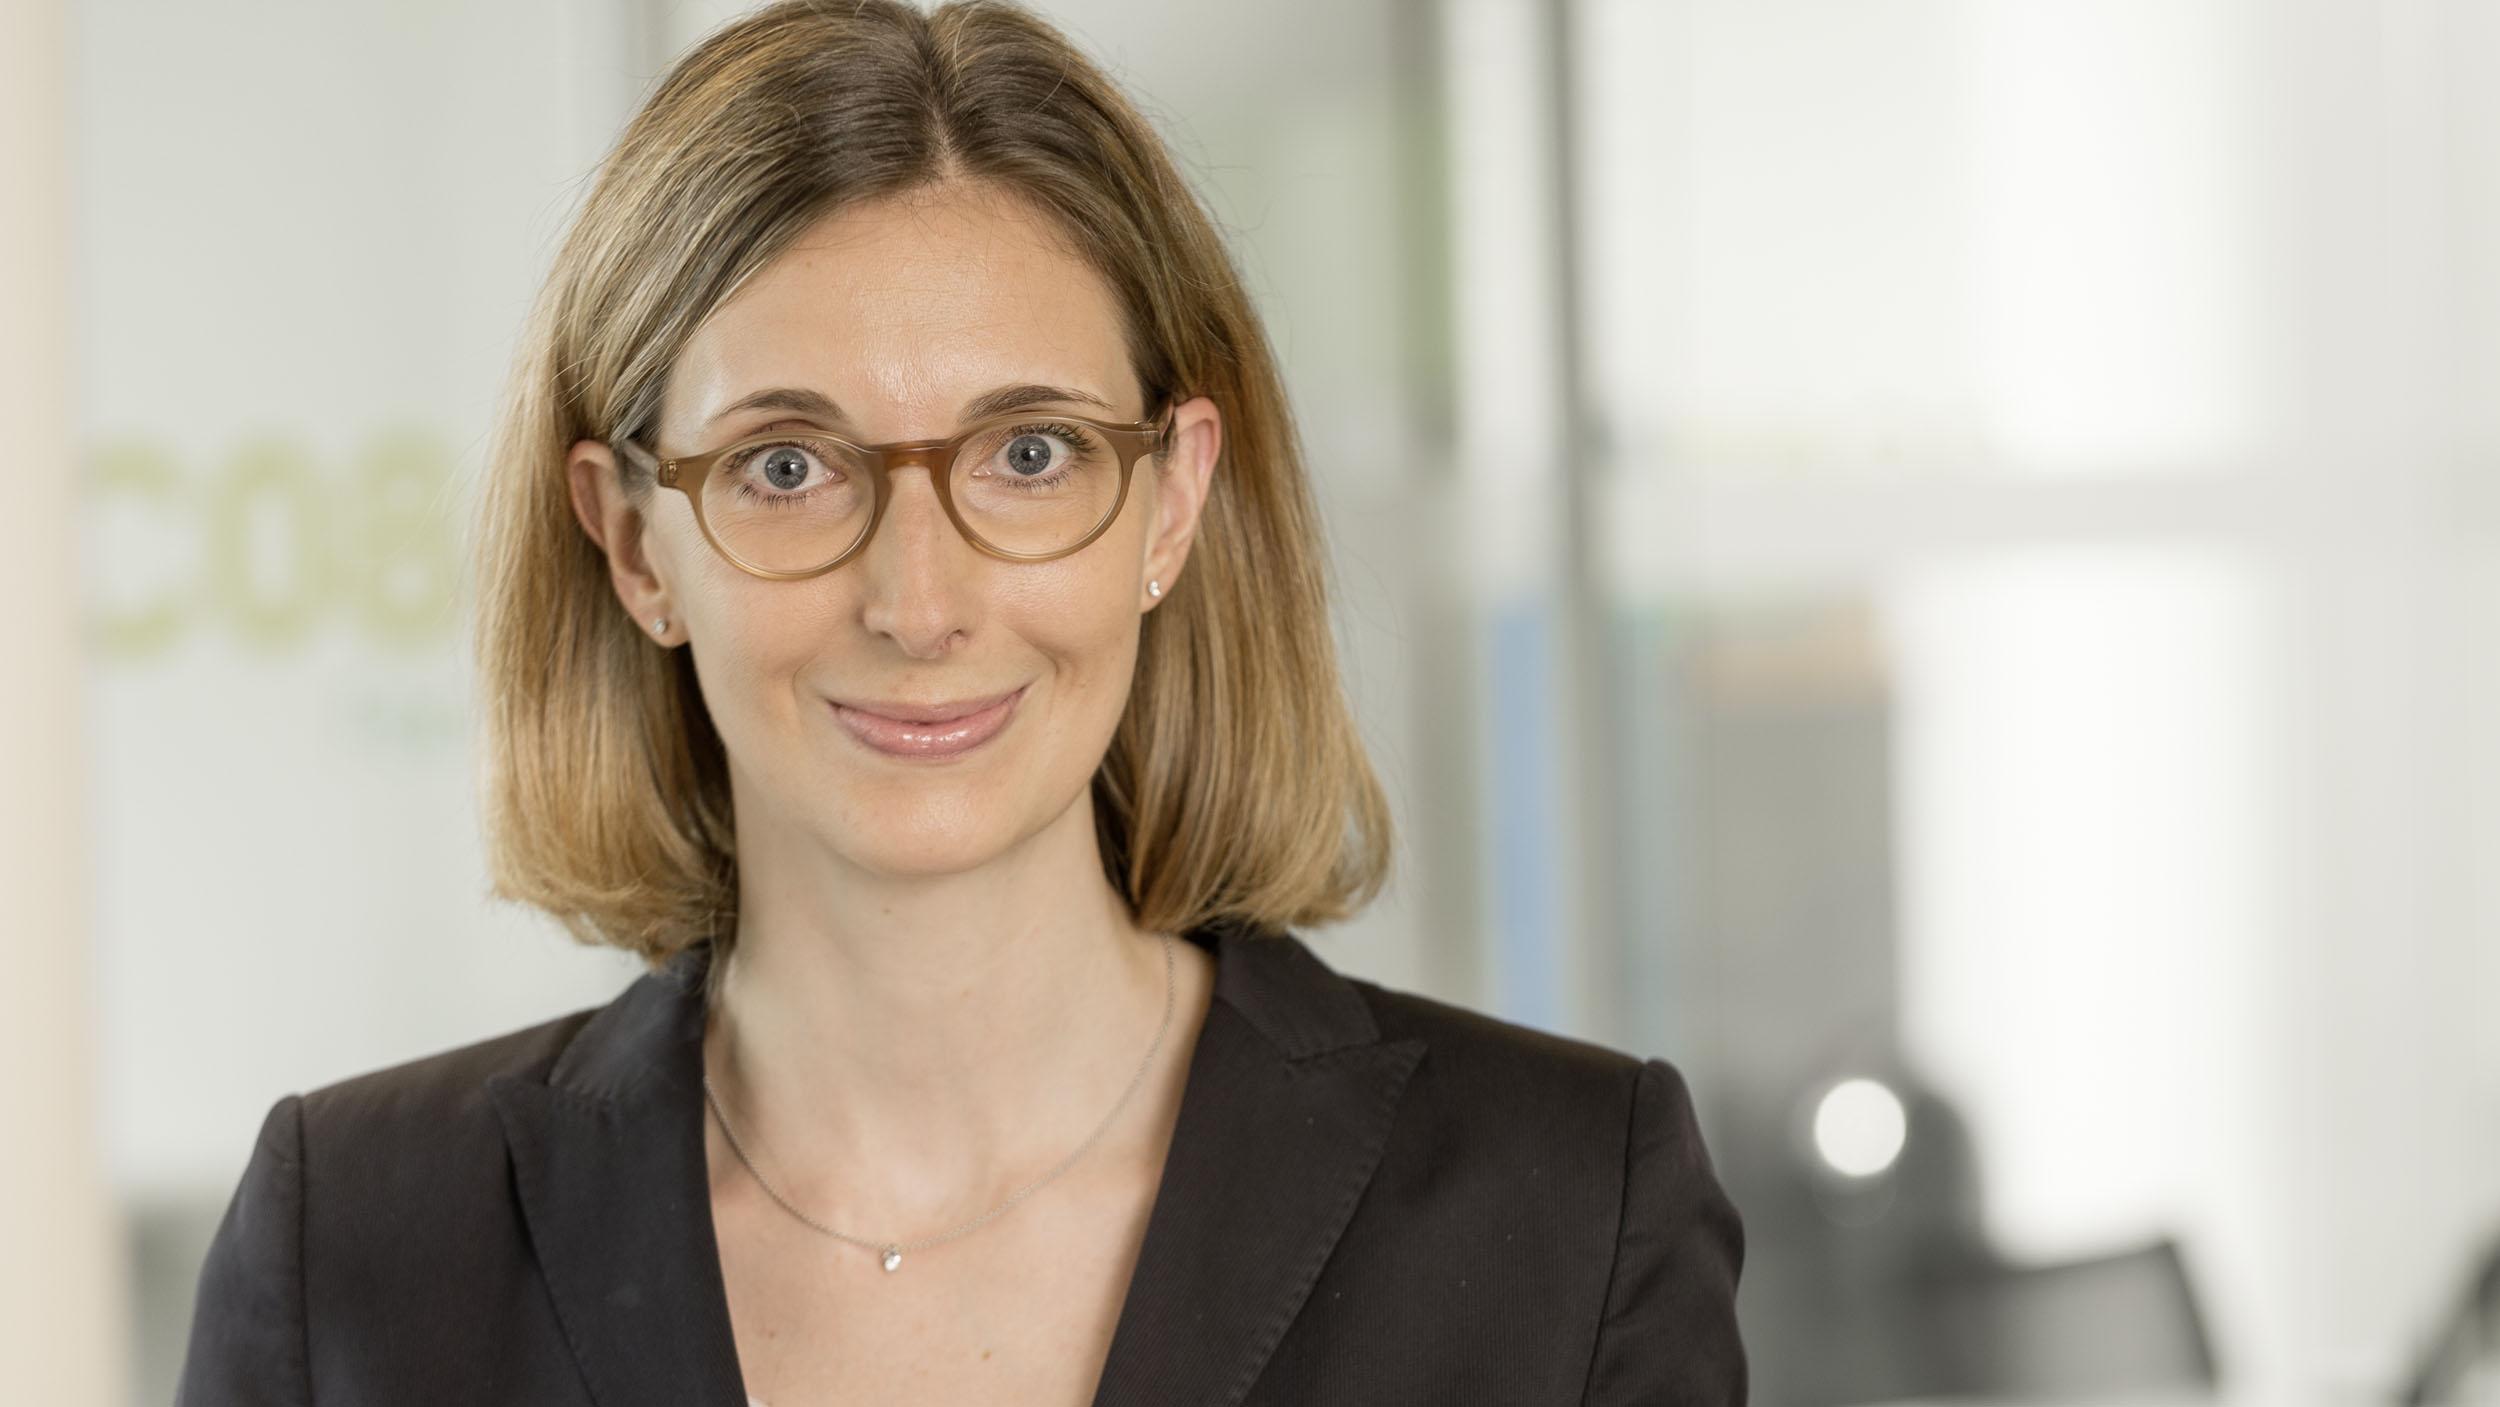 Melanie Loriz